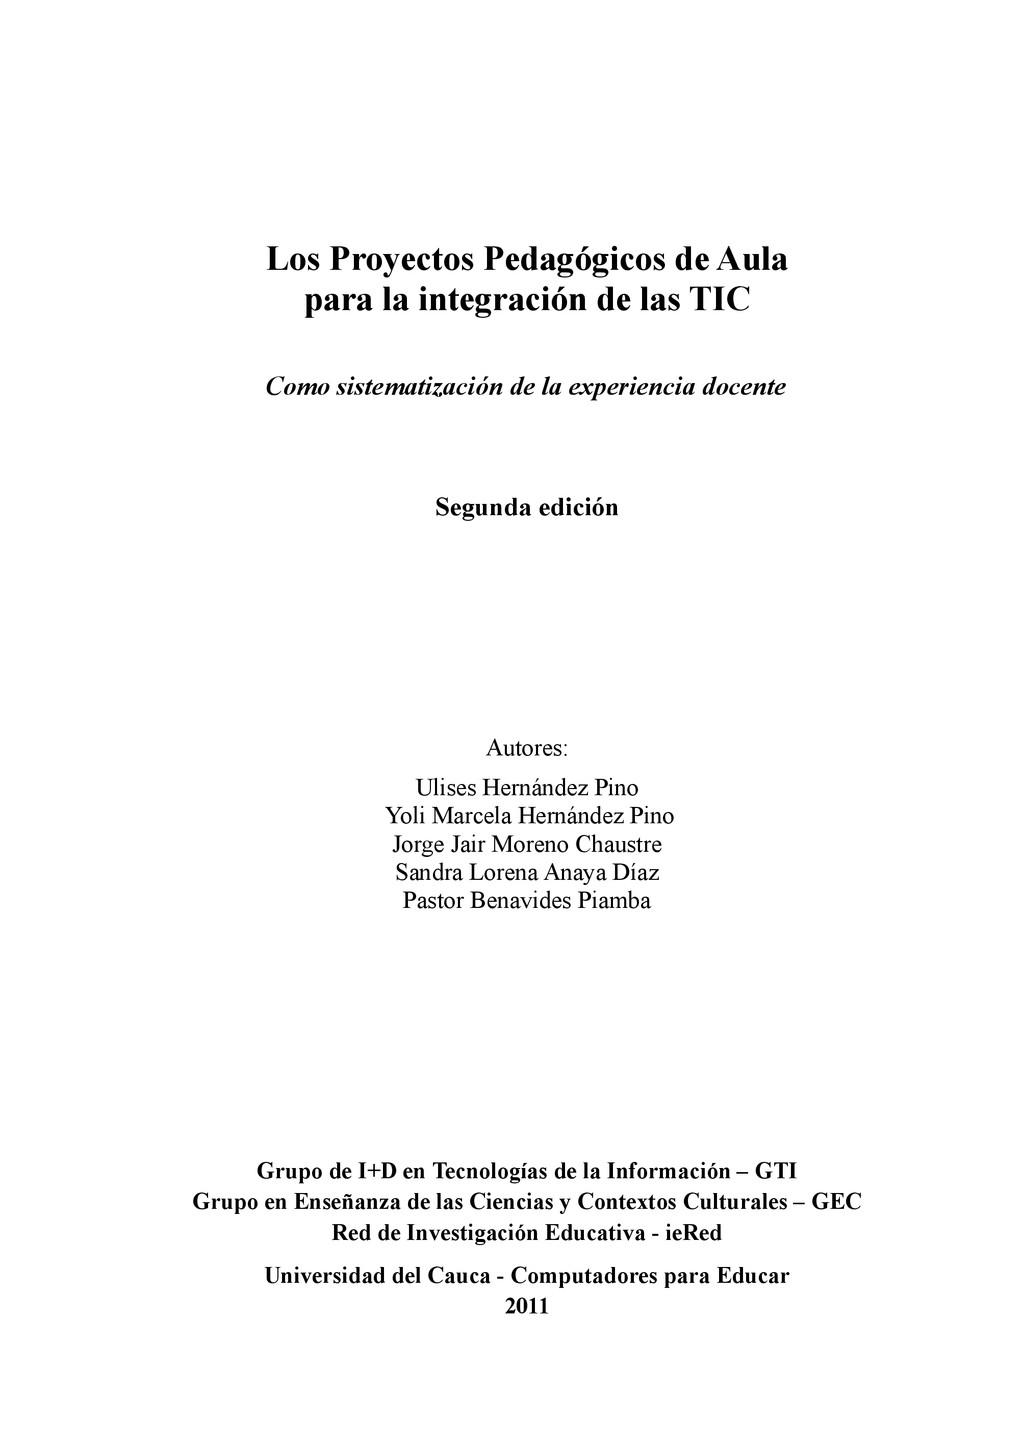 Los Proyectos Pedagógicos de Aula para la integ...